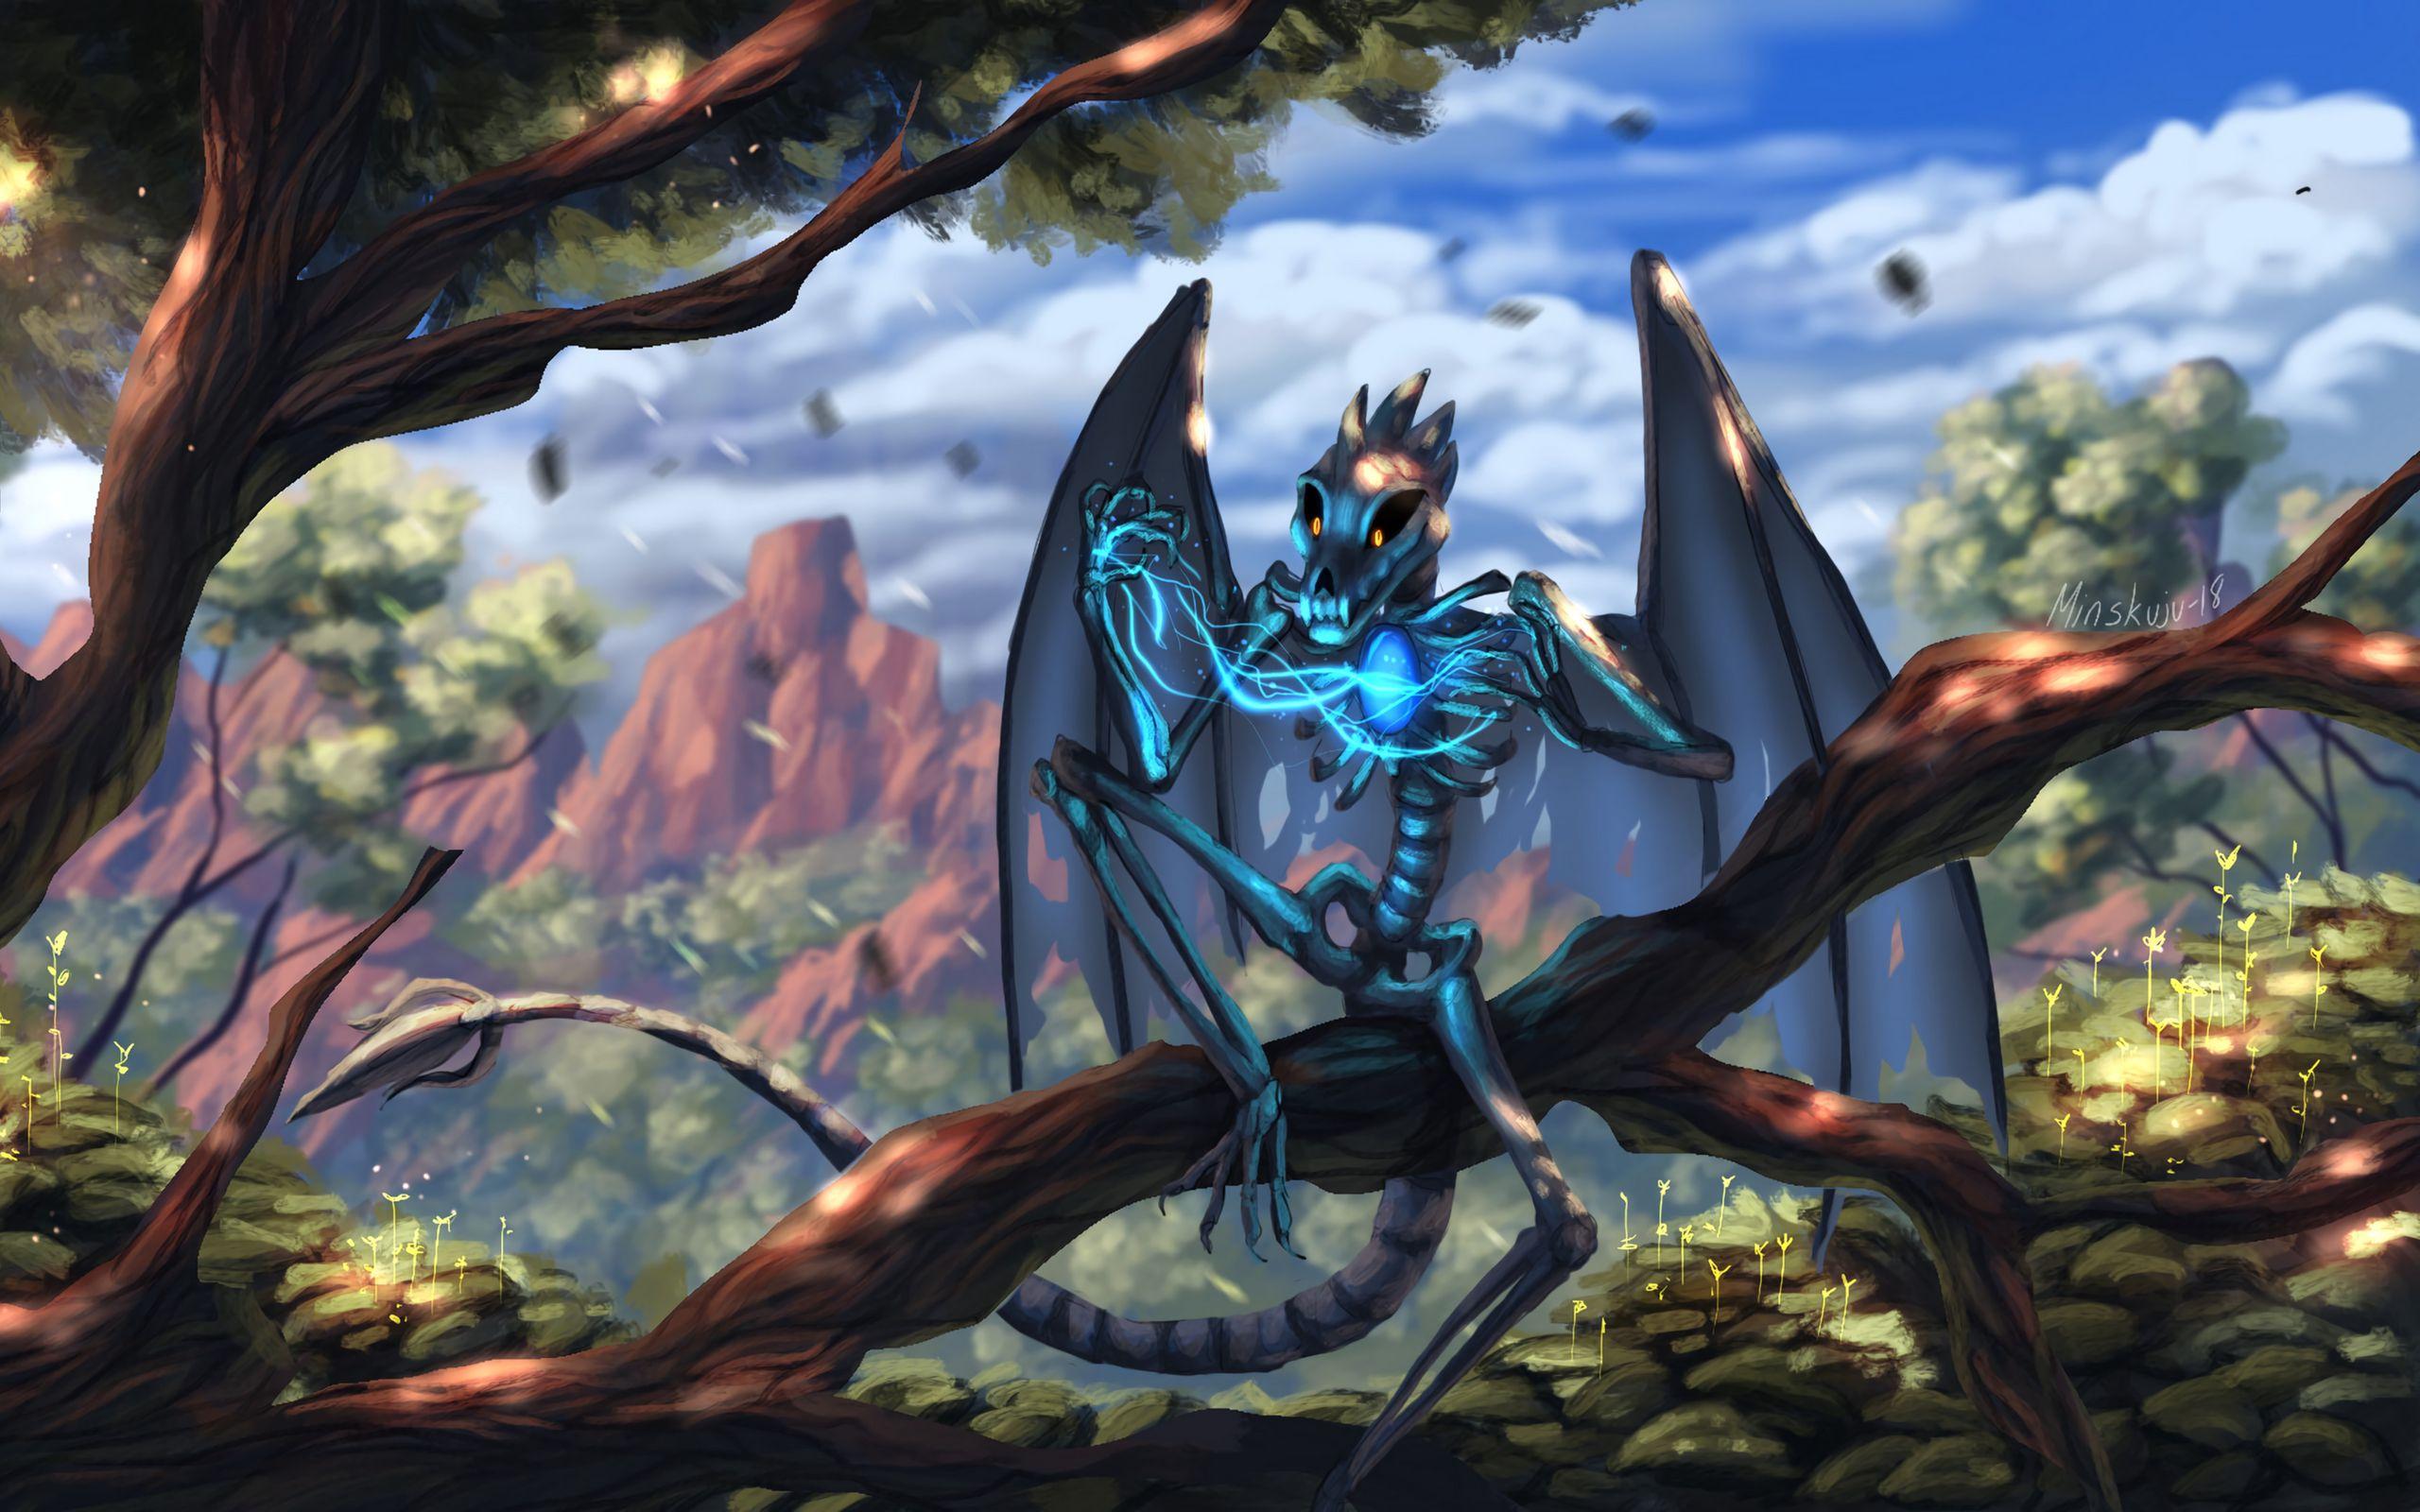 2560x1600 Wallpaper dragon, skeleton, wings, creature, magical, fabulous